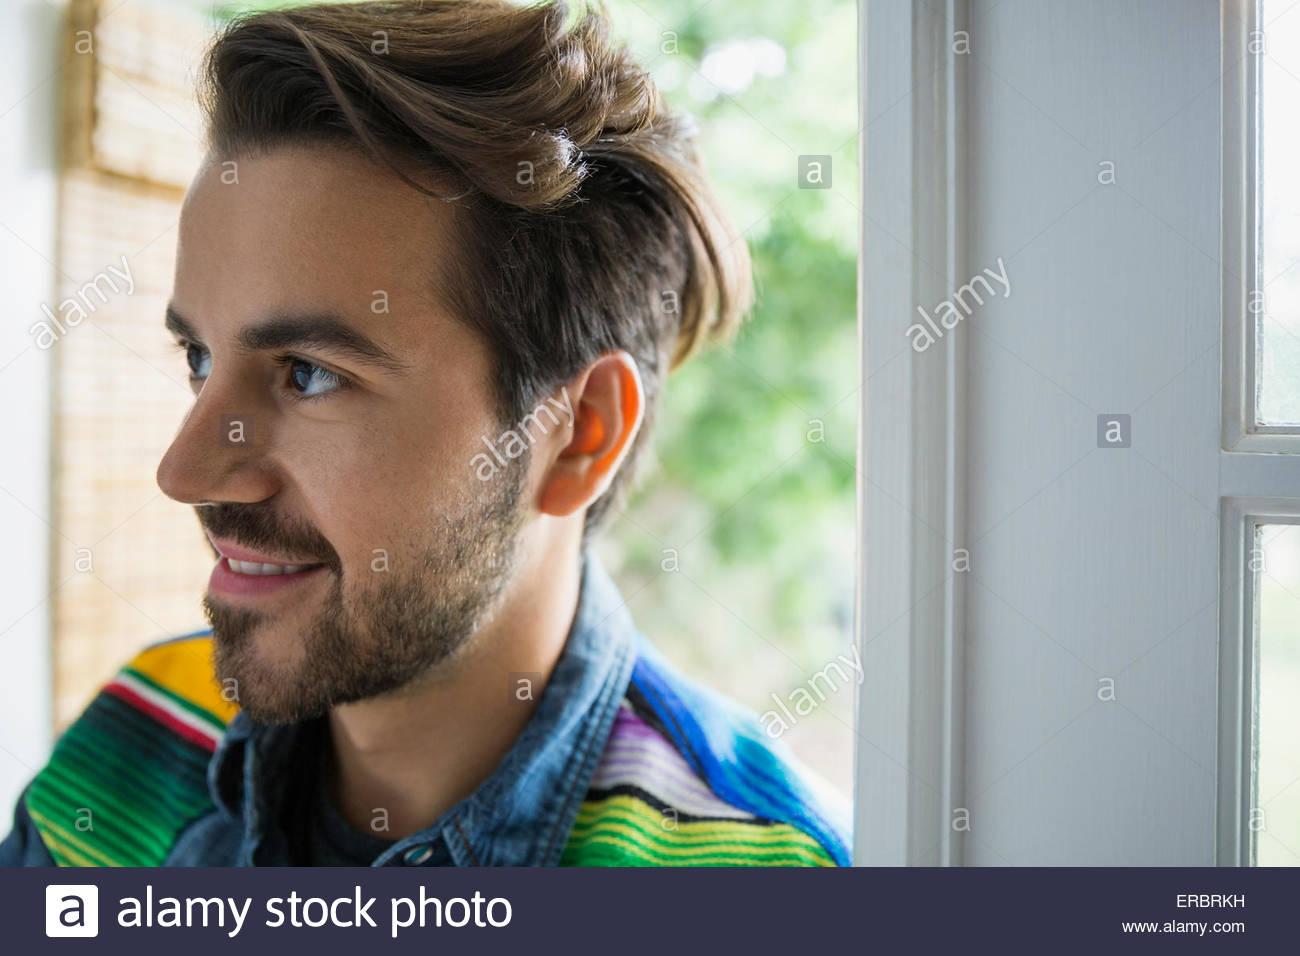 Morena sonriente hombre en el umbral mirando lejos Imagen De Stock